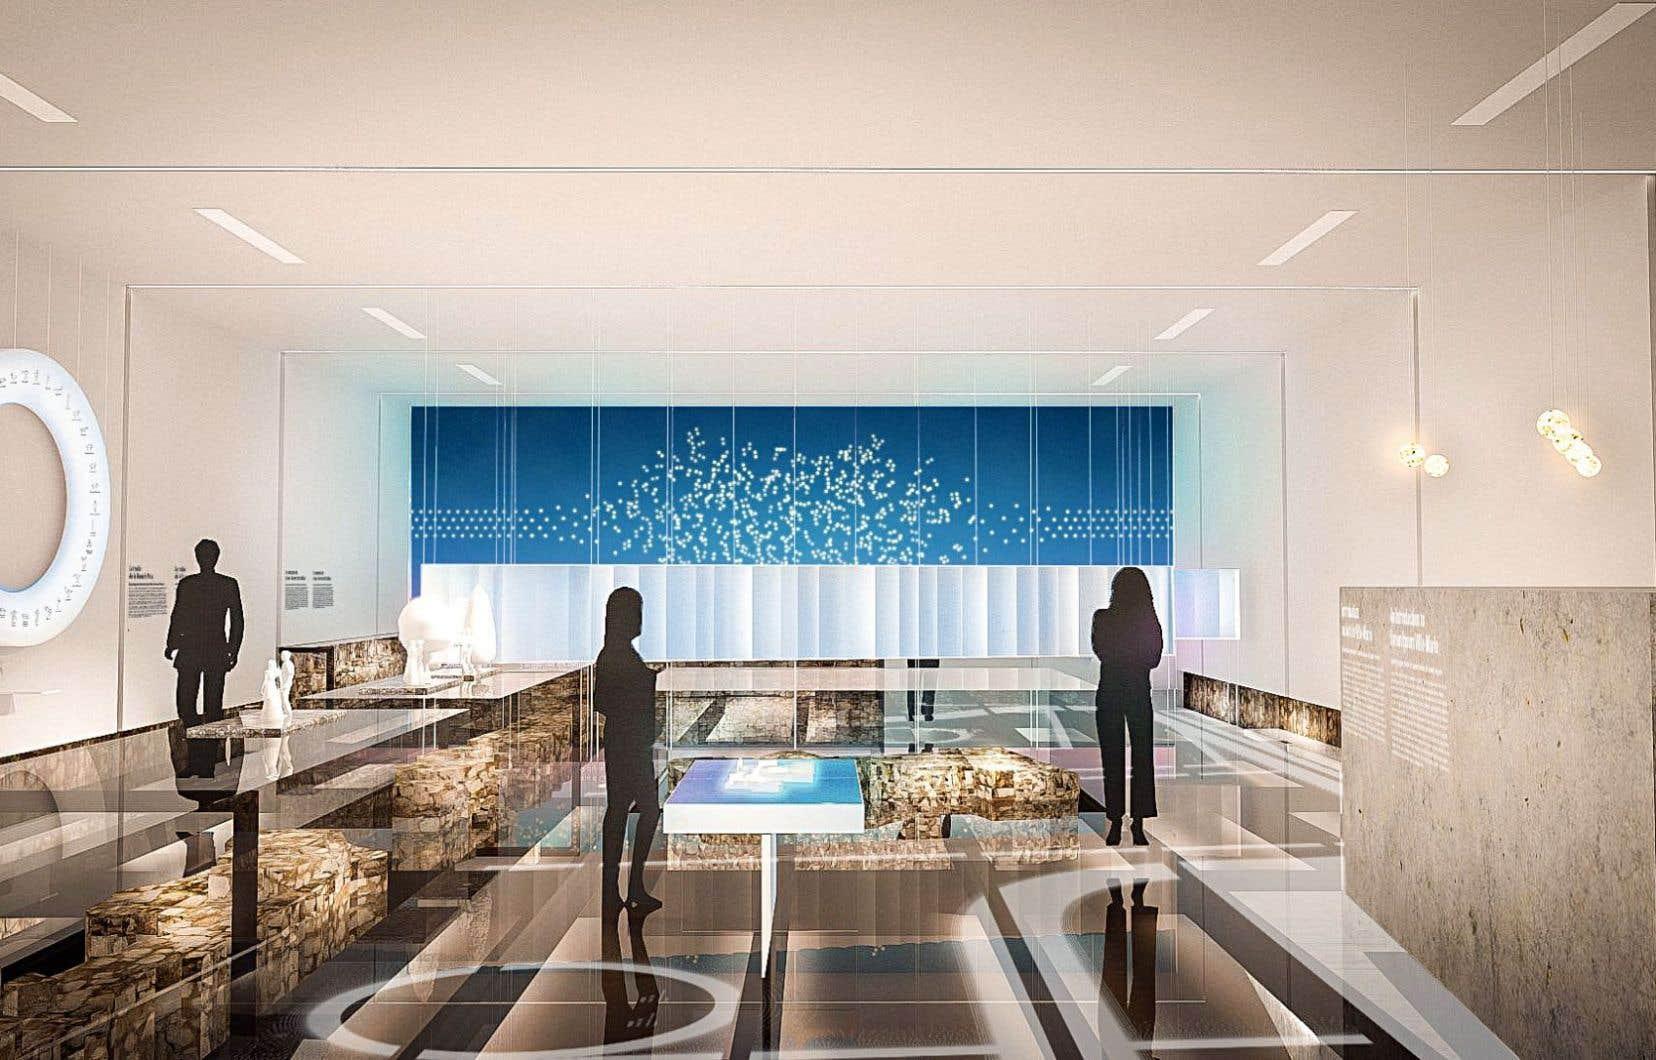 Le nouveau pavillon du fort de Ville-Marie du musée Pointe-à-Callière permettra aux visiteurs de marcher sur un plancher de verre à la grandeur du lieu.